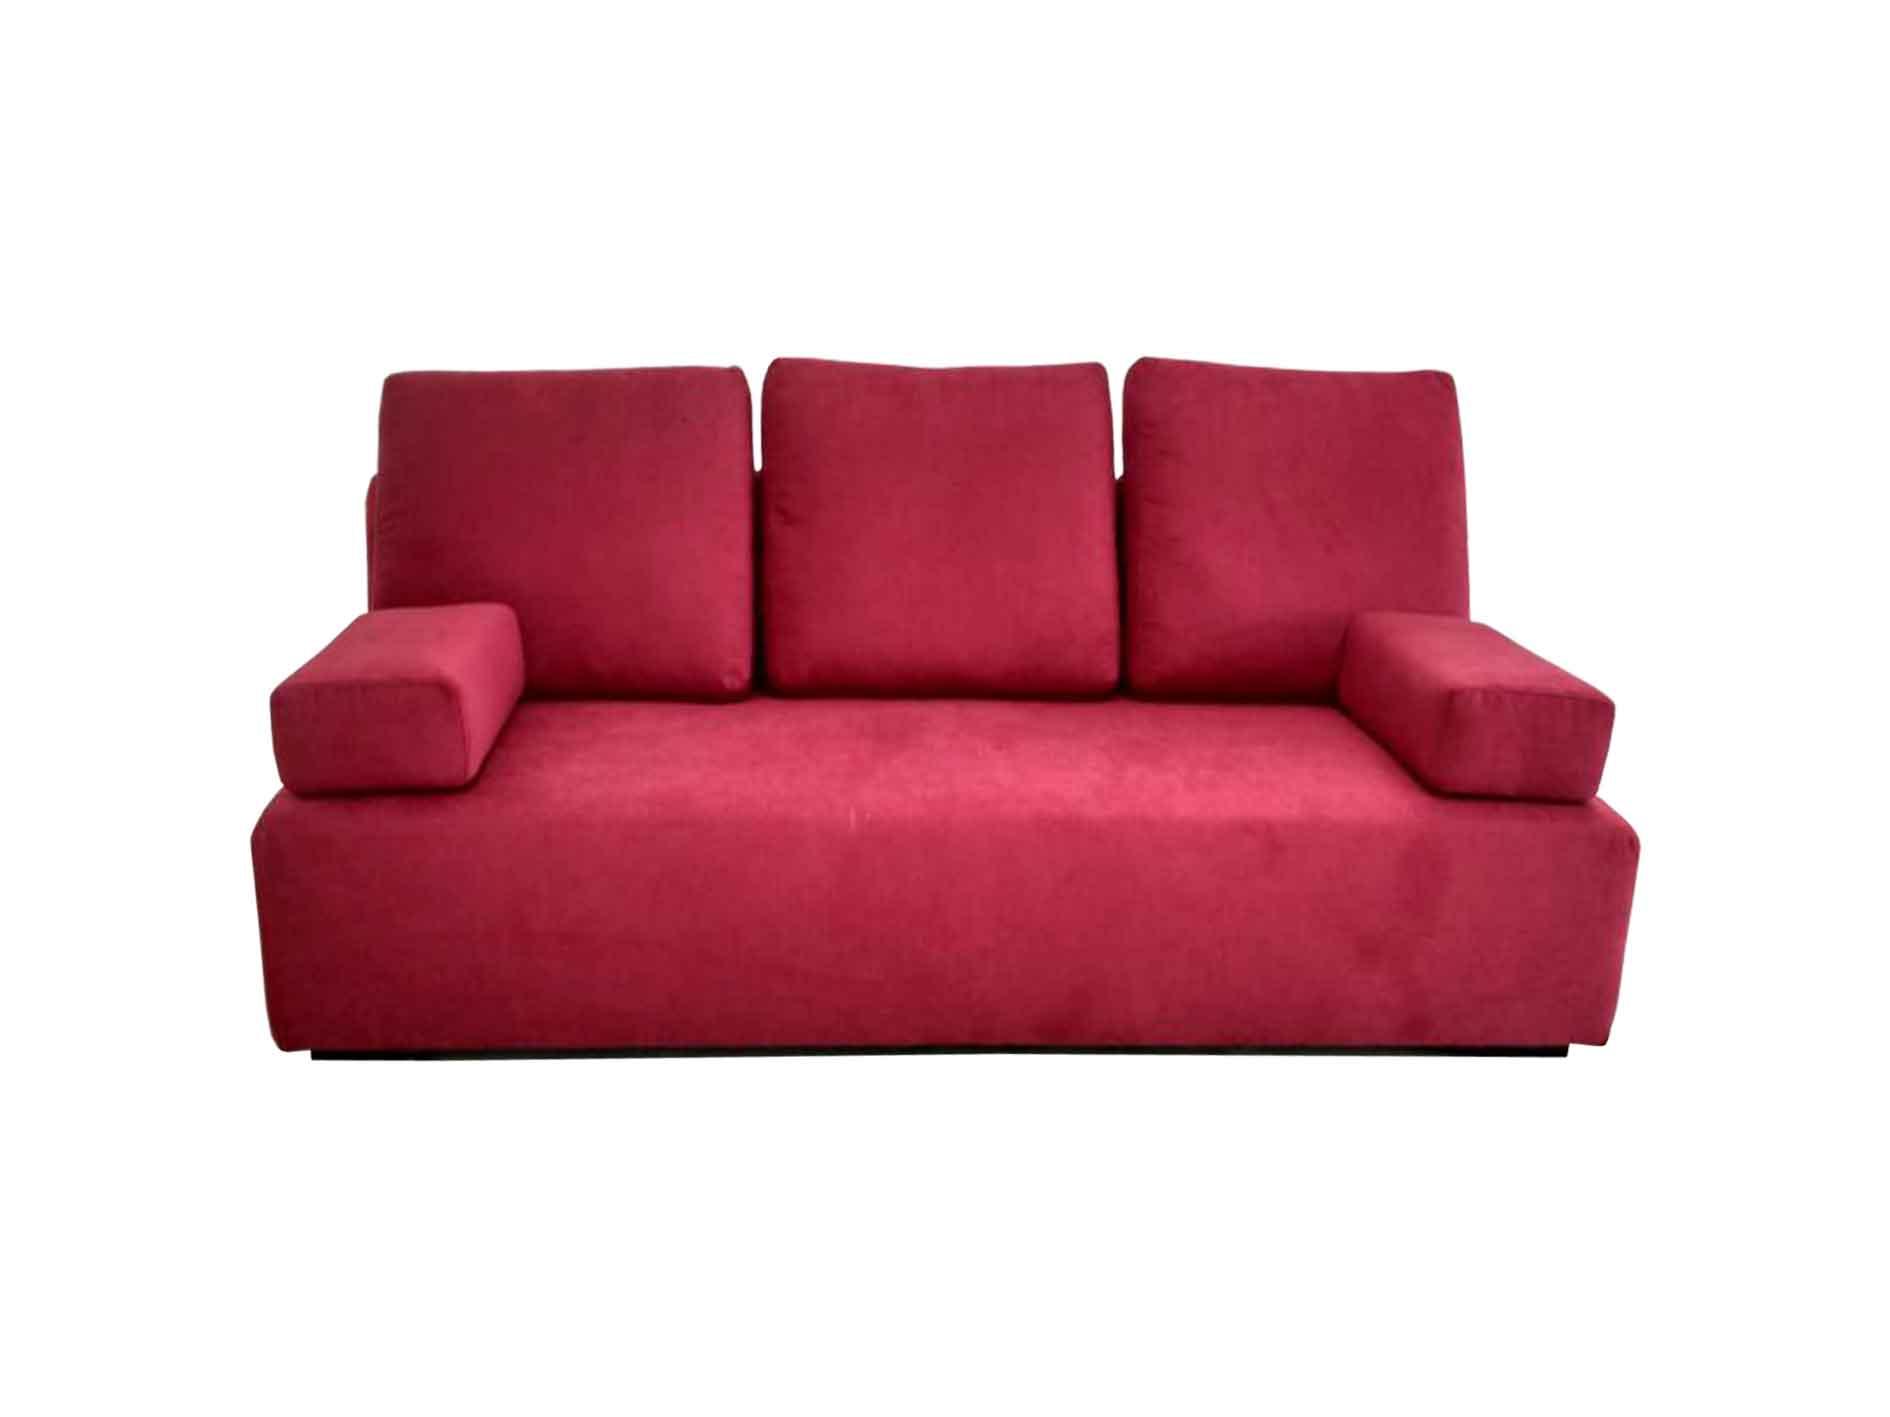 Valerio Designer Italian Fabric Sofa – Volonta – 3 Seater fabric sofa (2.03M)